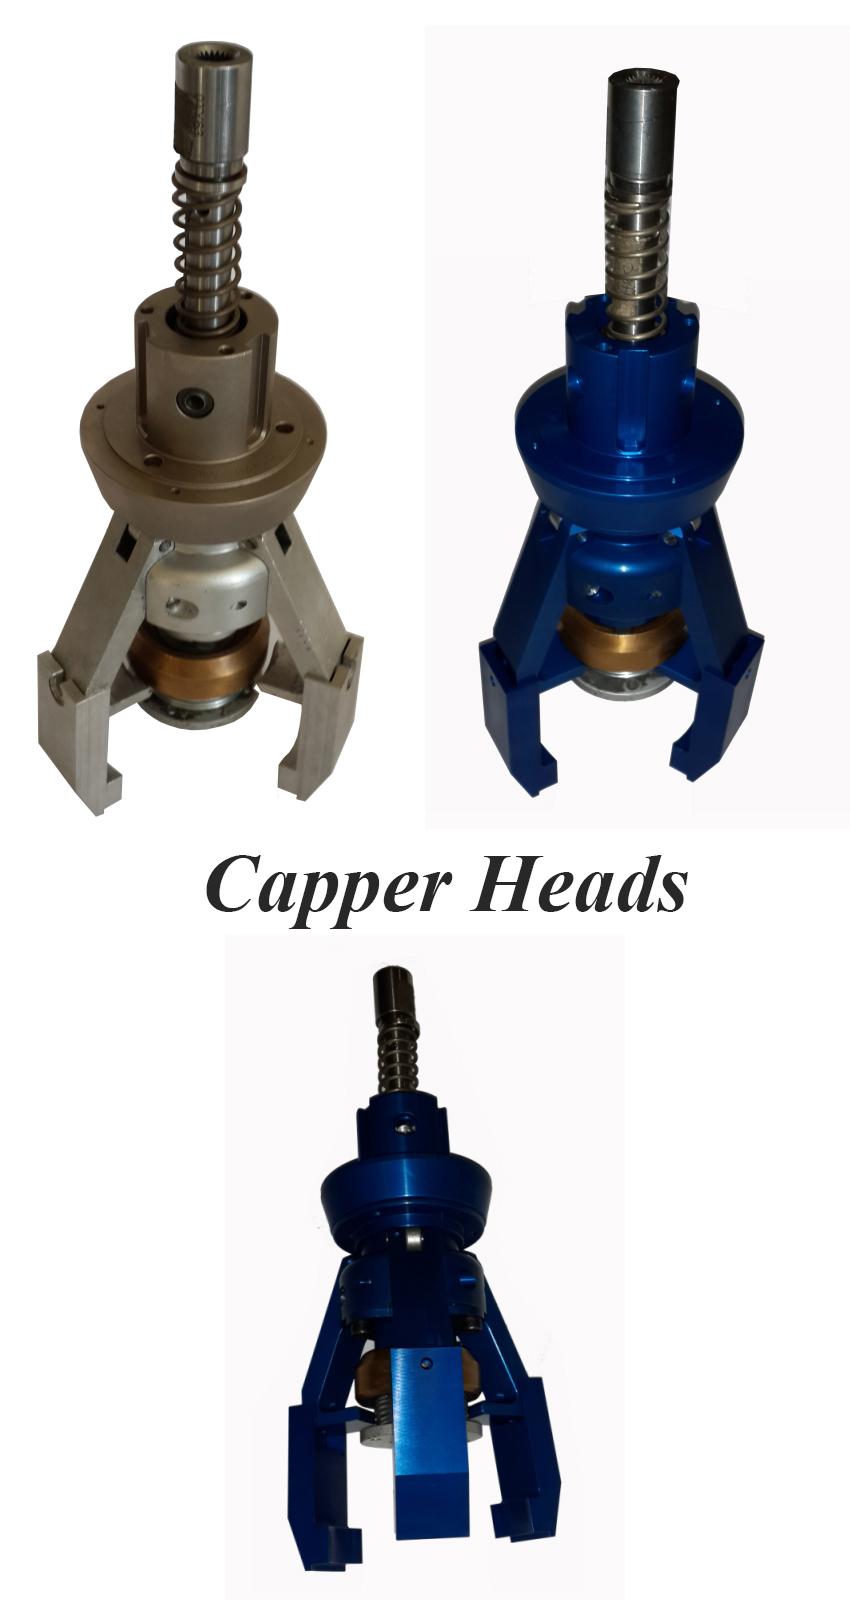 Trigger Capper Heads, Trigger Spray Inserter, Rotary Trigger Capper Head Parts